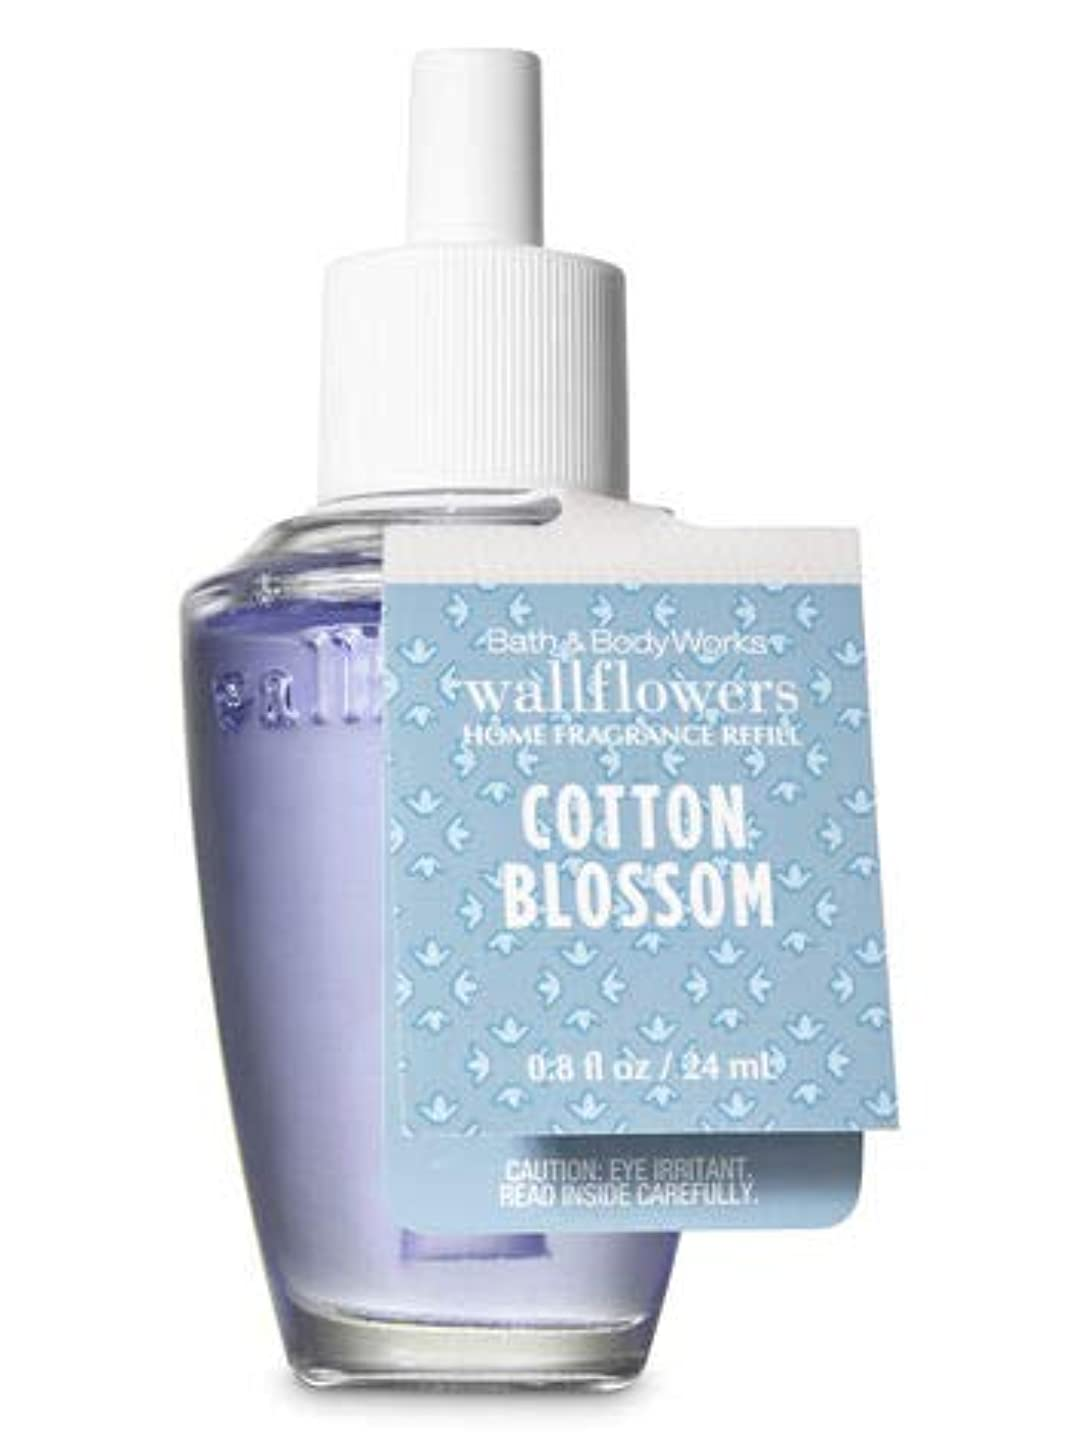 面白いマークダウン悪質な【Bath&Body Works/バス&ボディワークス】 ルームフレグランス 詰替えリフィル コットンブロッサム Wallflowers Home Fragrance Refill Cotton Blossom [並行輸入品]